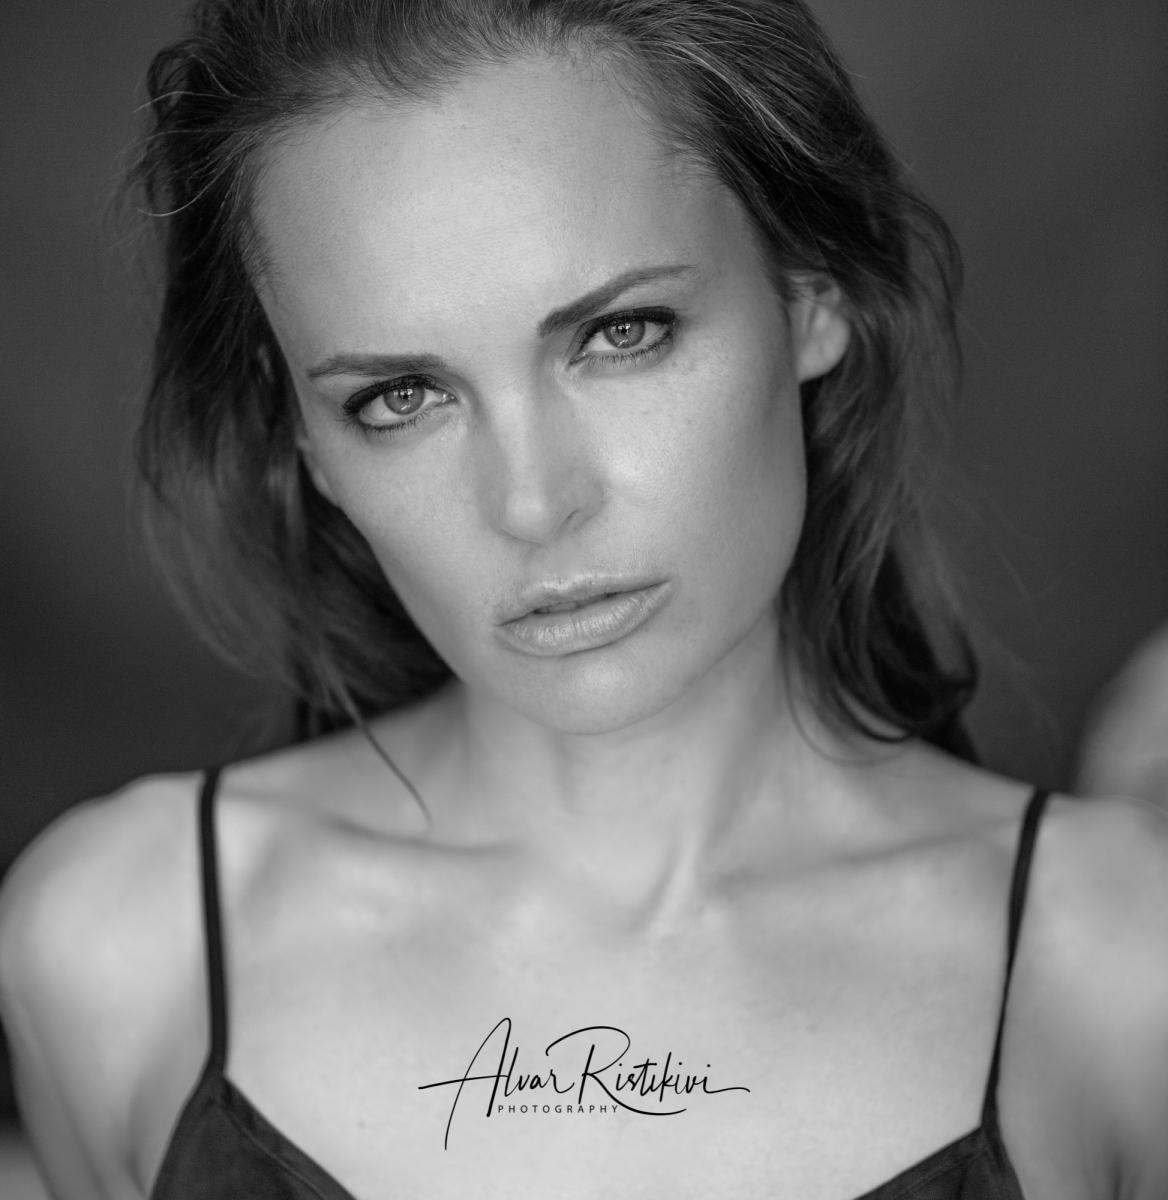 Jelena Sobolevska